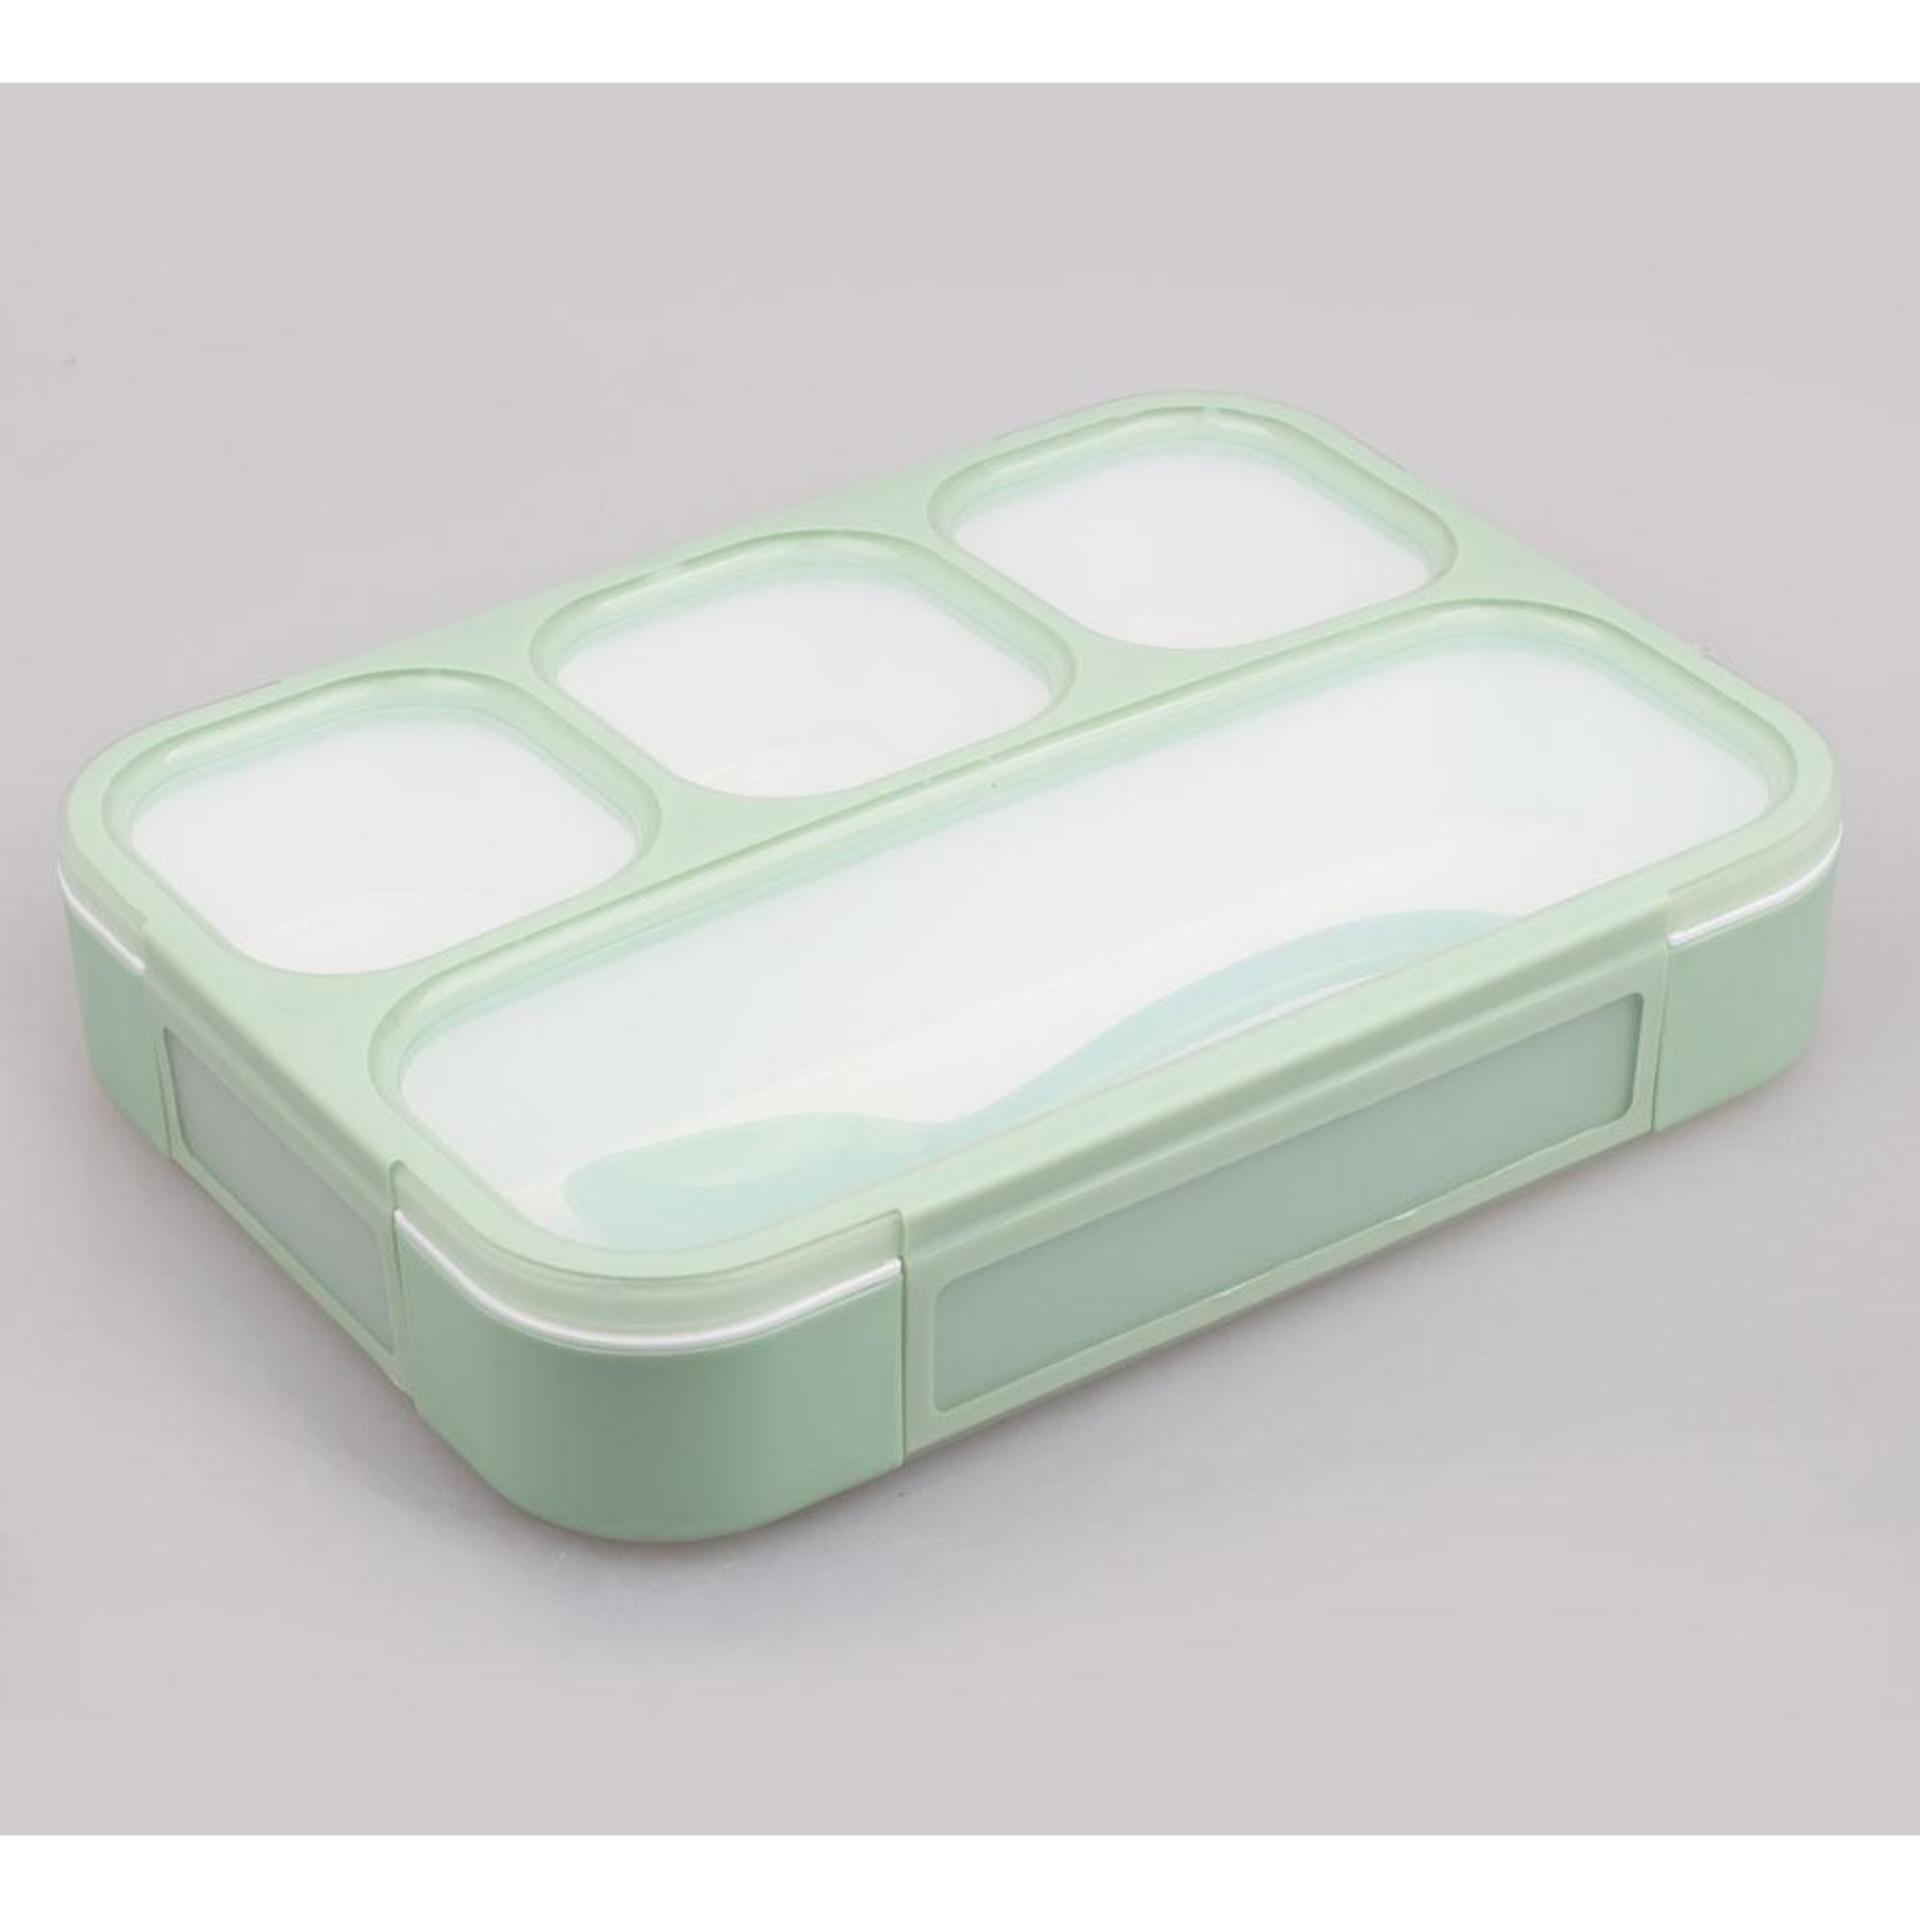 Jual Kotak Makan Sekat Murah Garansi Dan Berkualitas Id Store Yooyee Leakproof Lunch Box 578 Anti Bocor Tosca Grid Bento 3 Bocoridr48500 Rp 48500